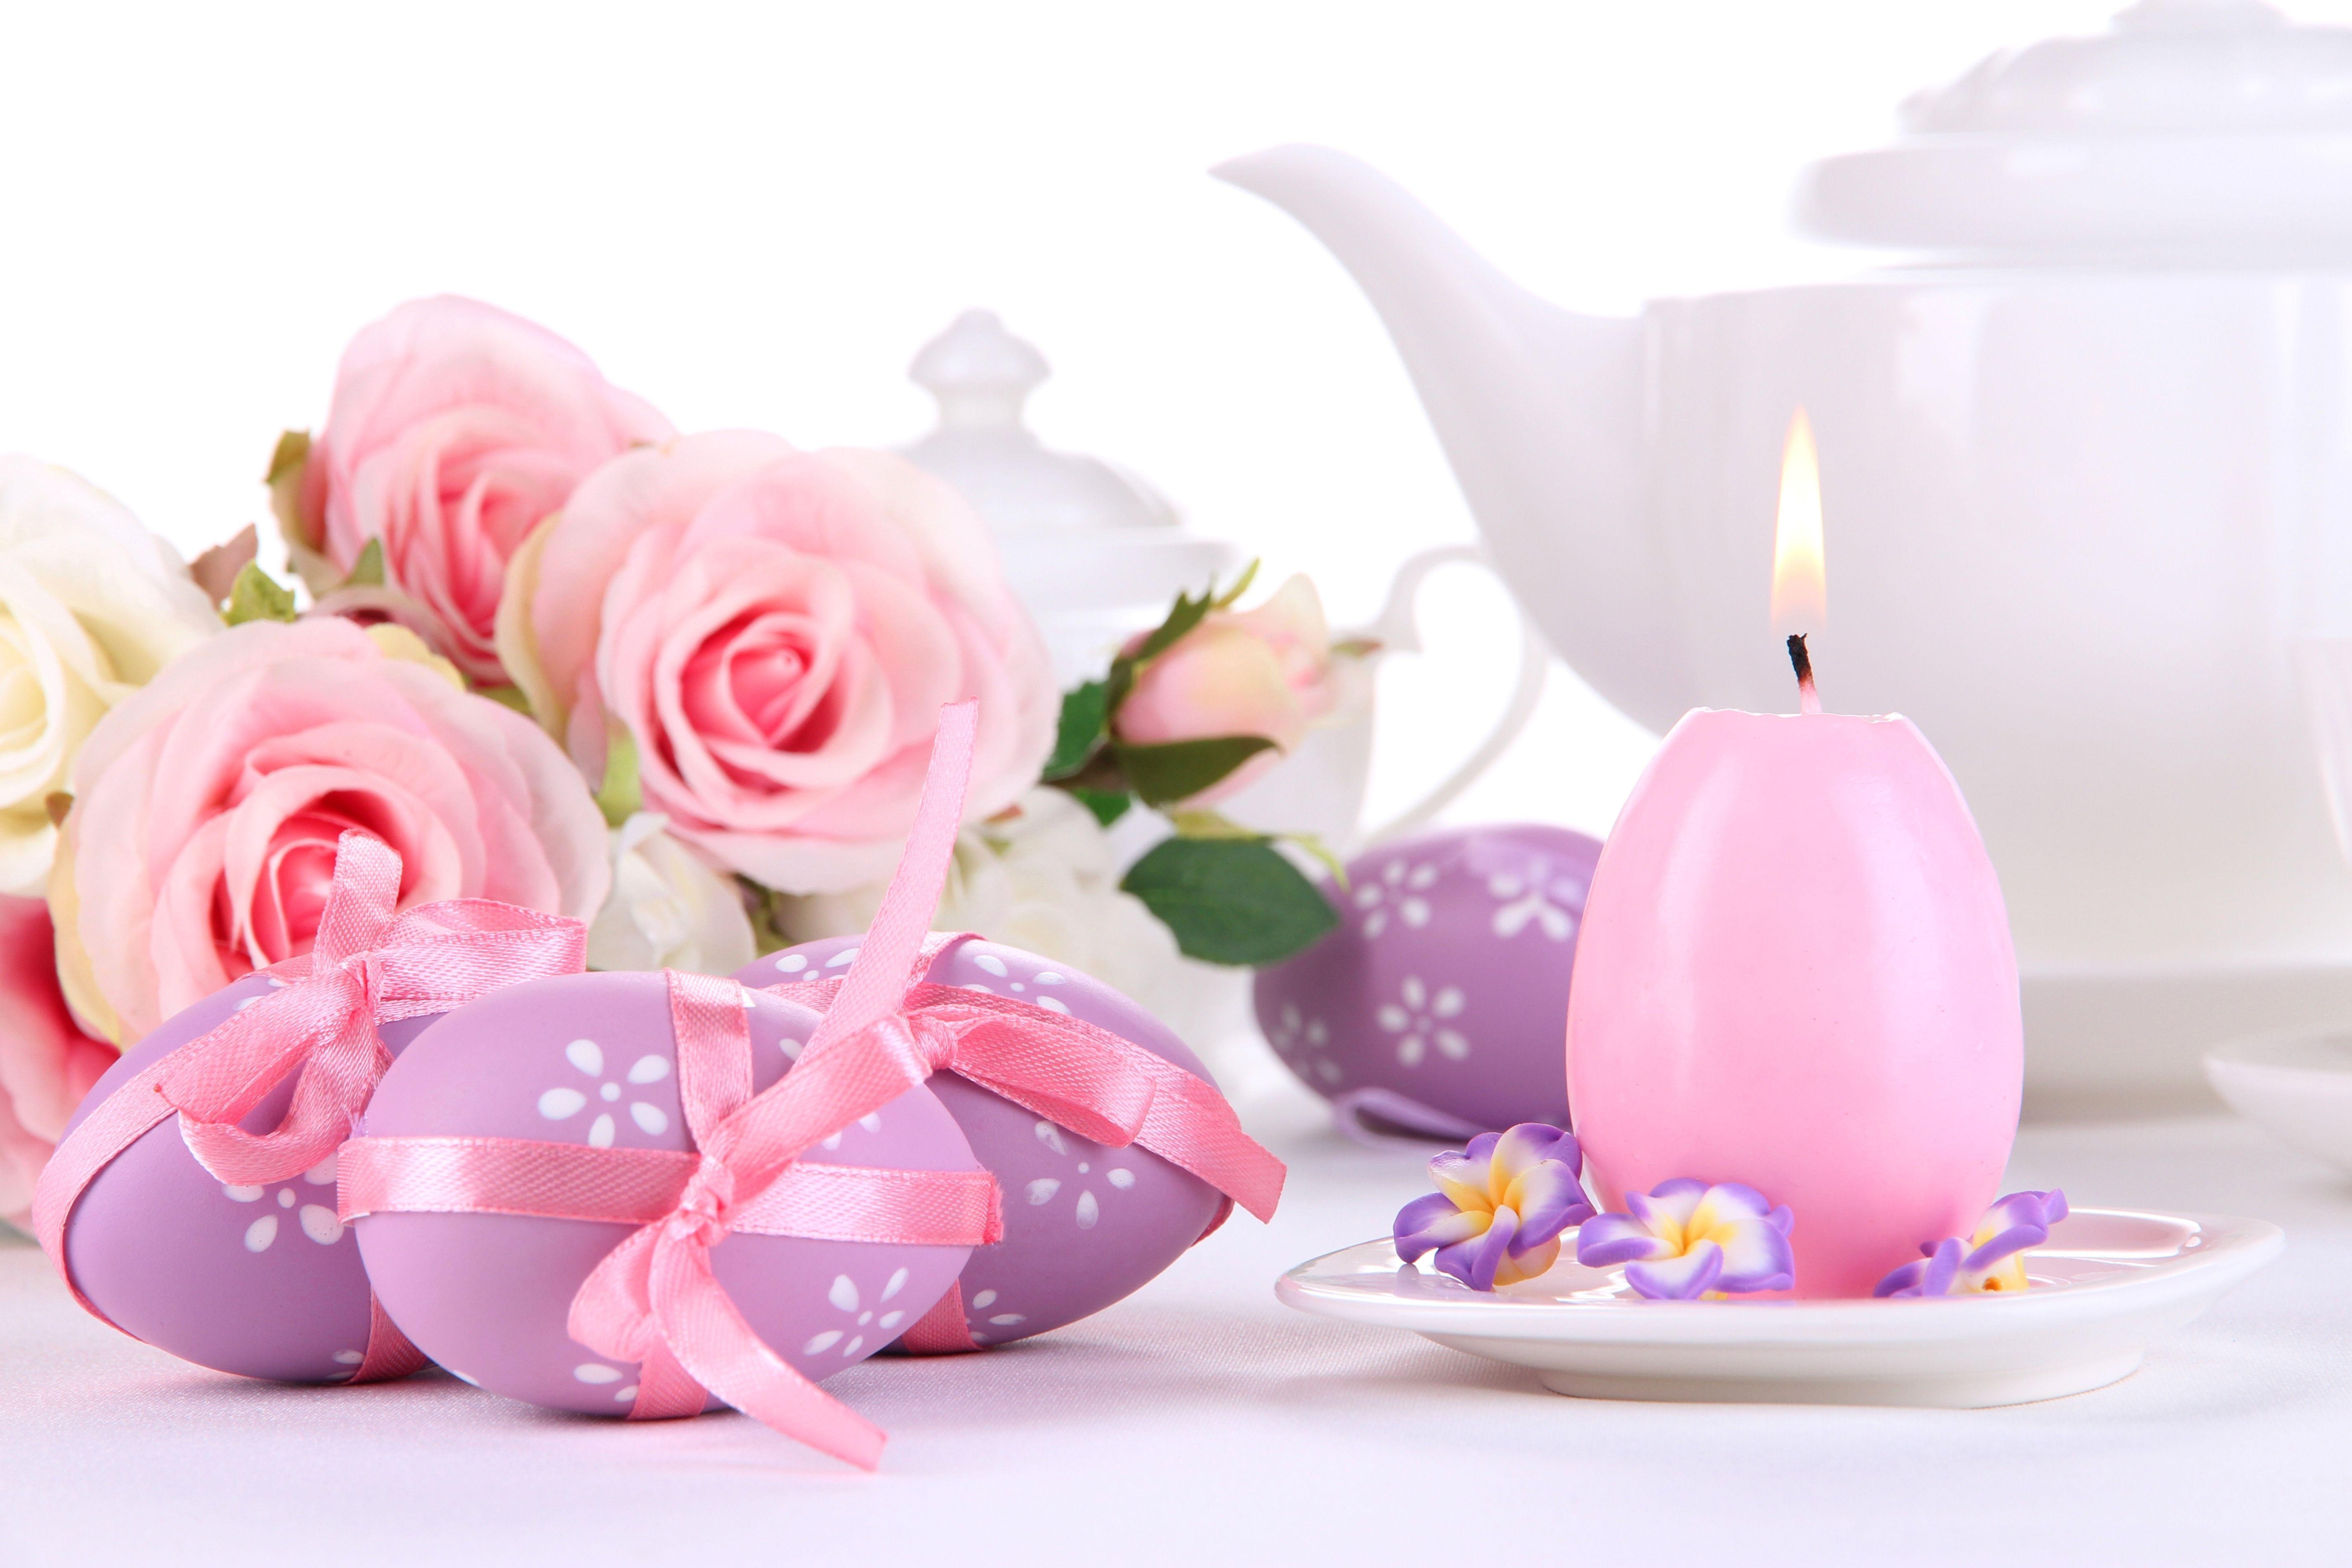 цветы свечи бесплатно